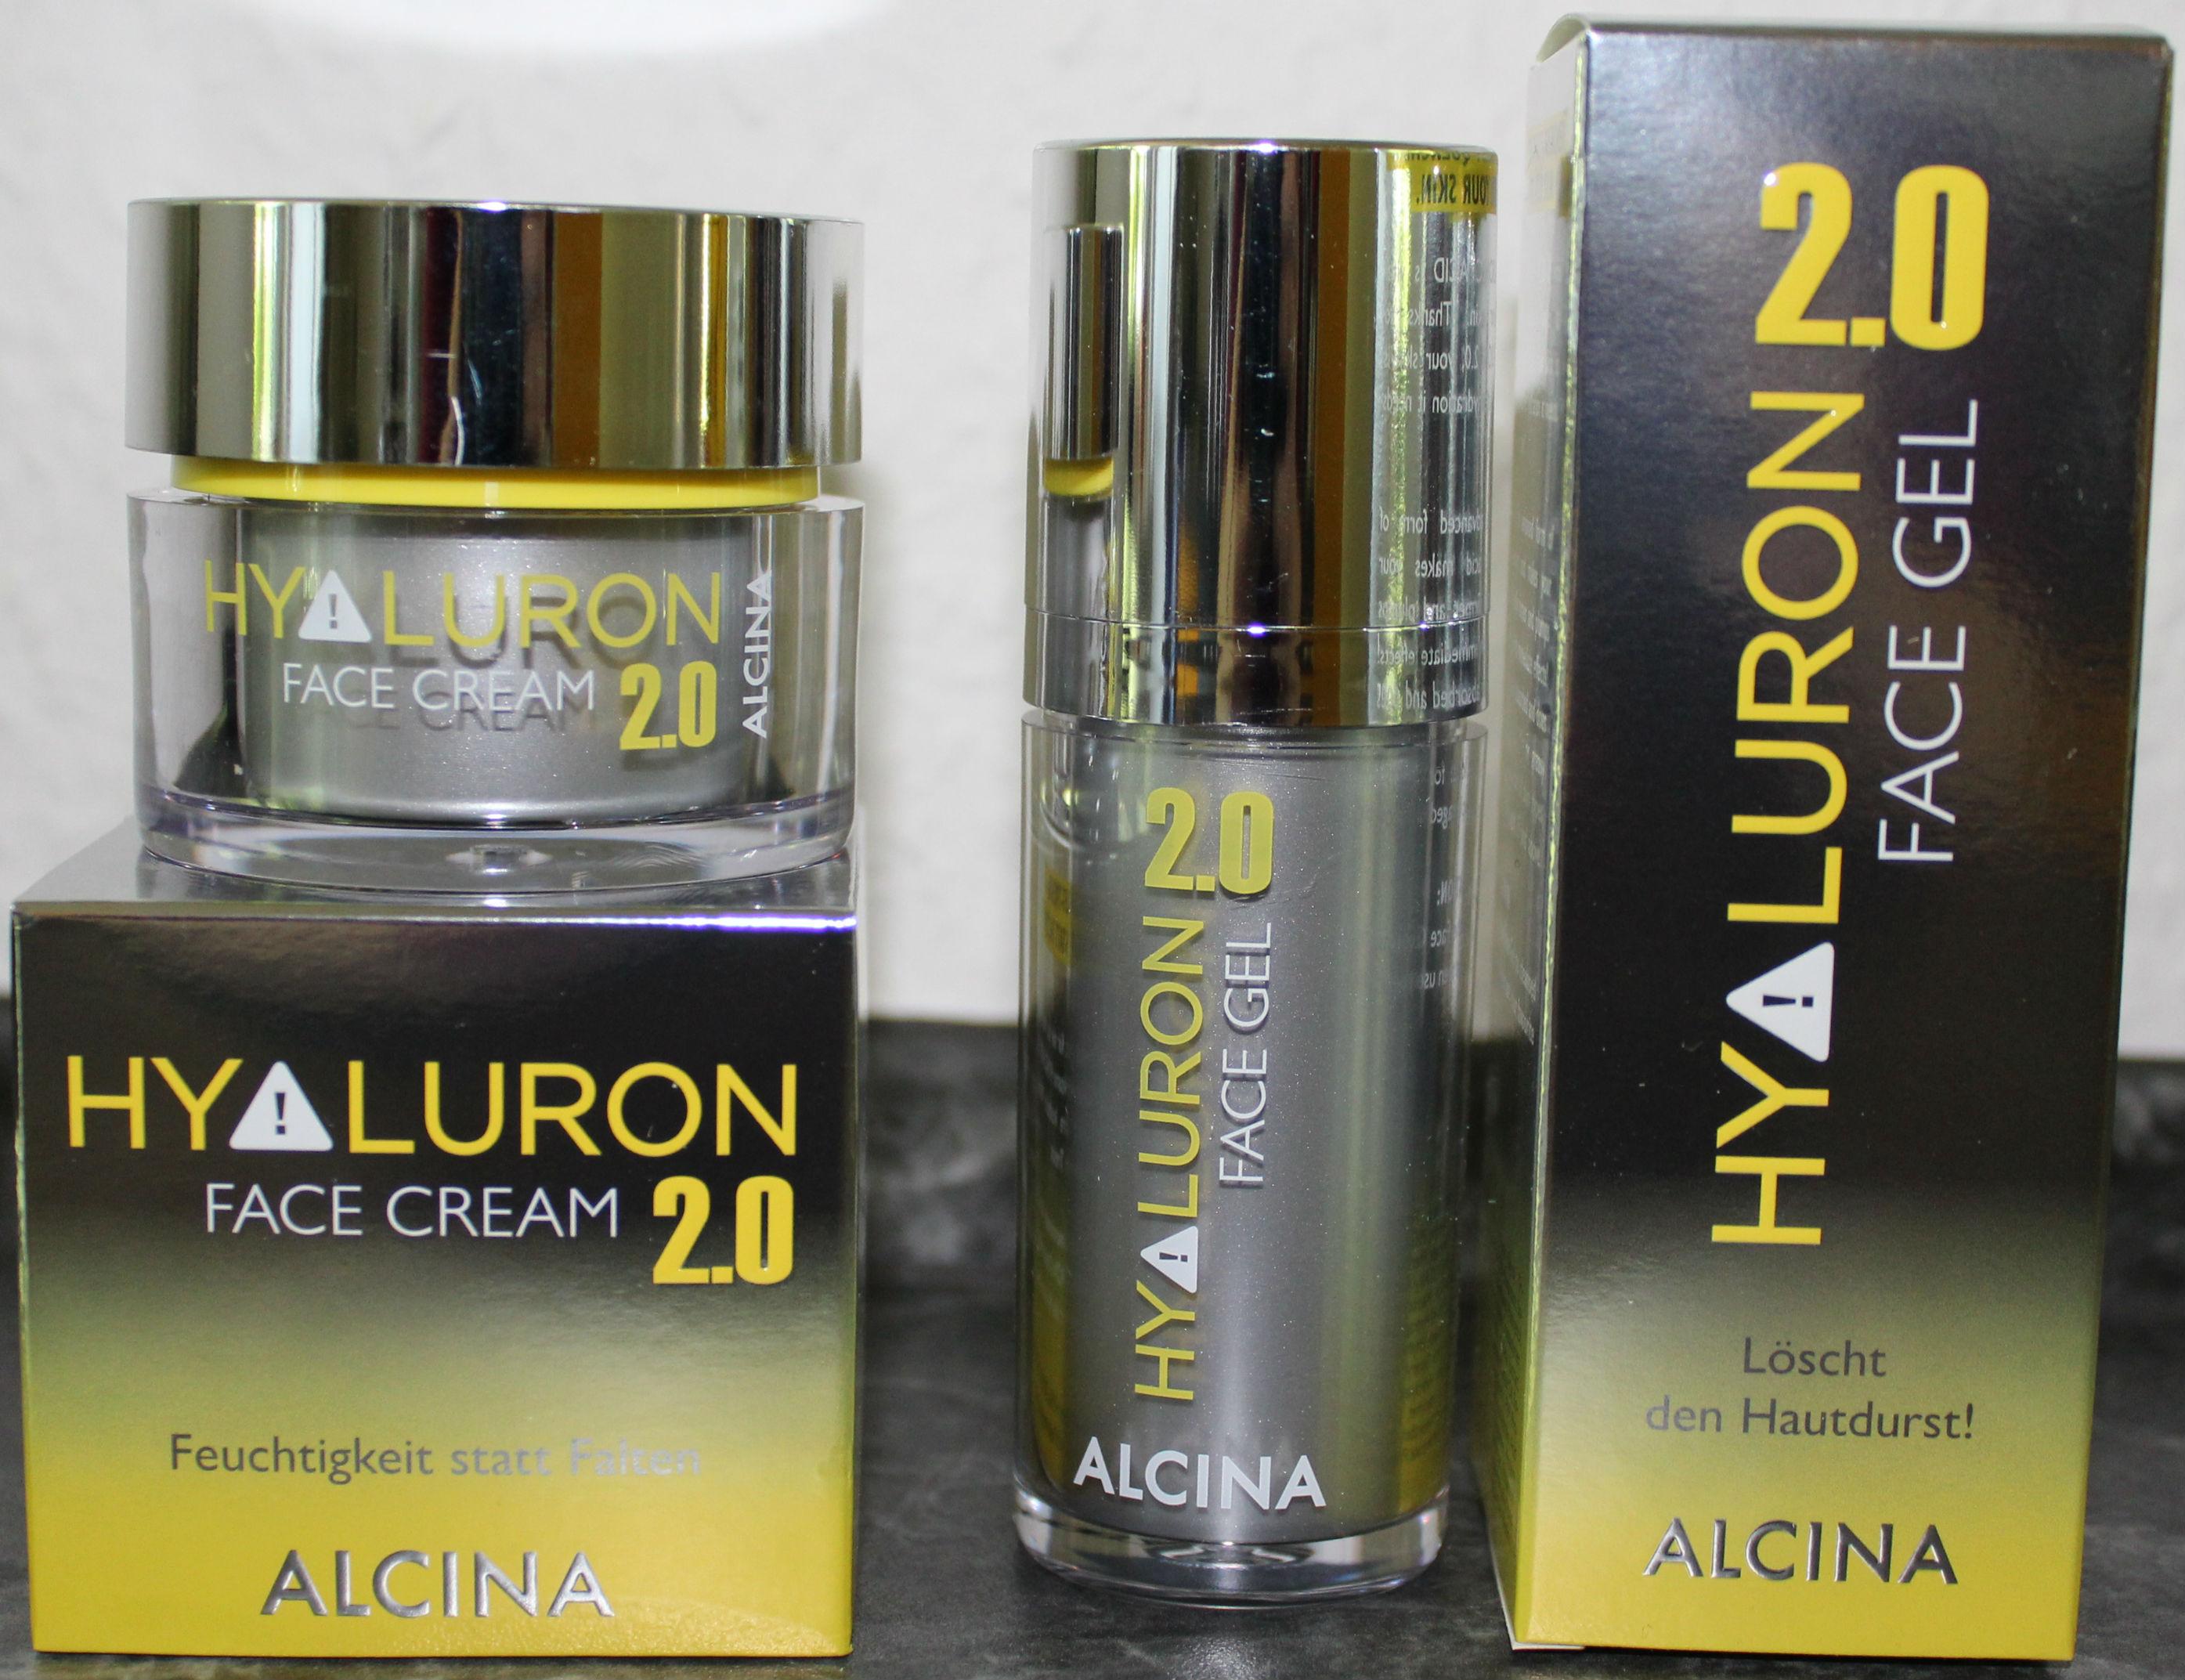 Hyaluron 20 Pflege Von Alcina Im Test Testeritis